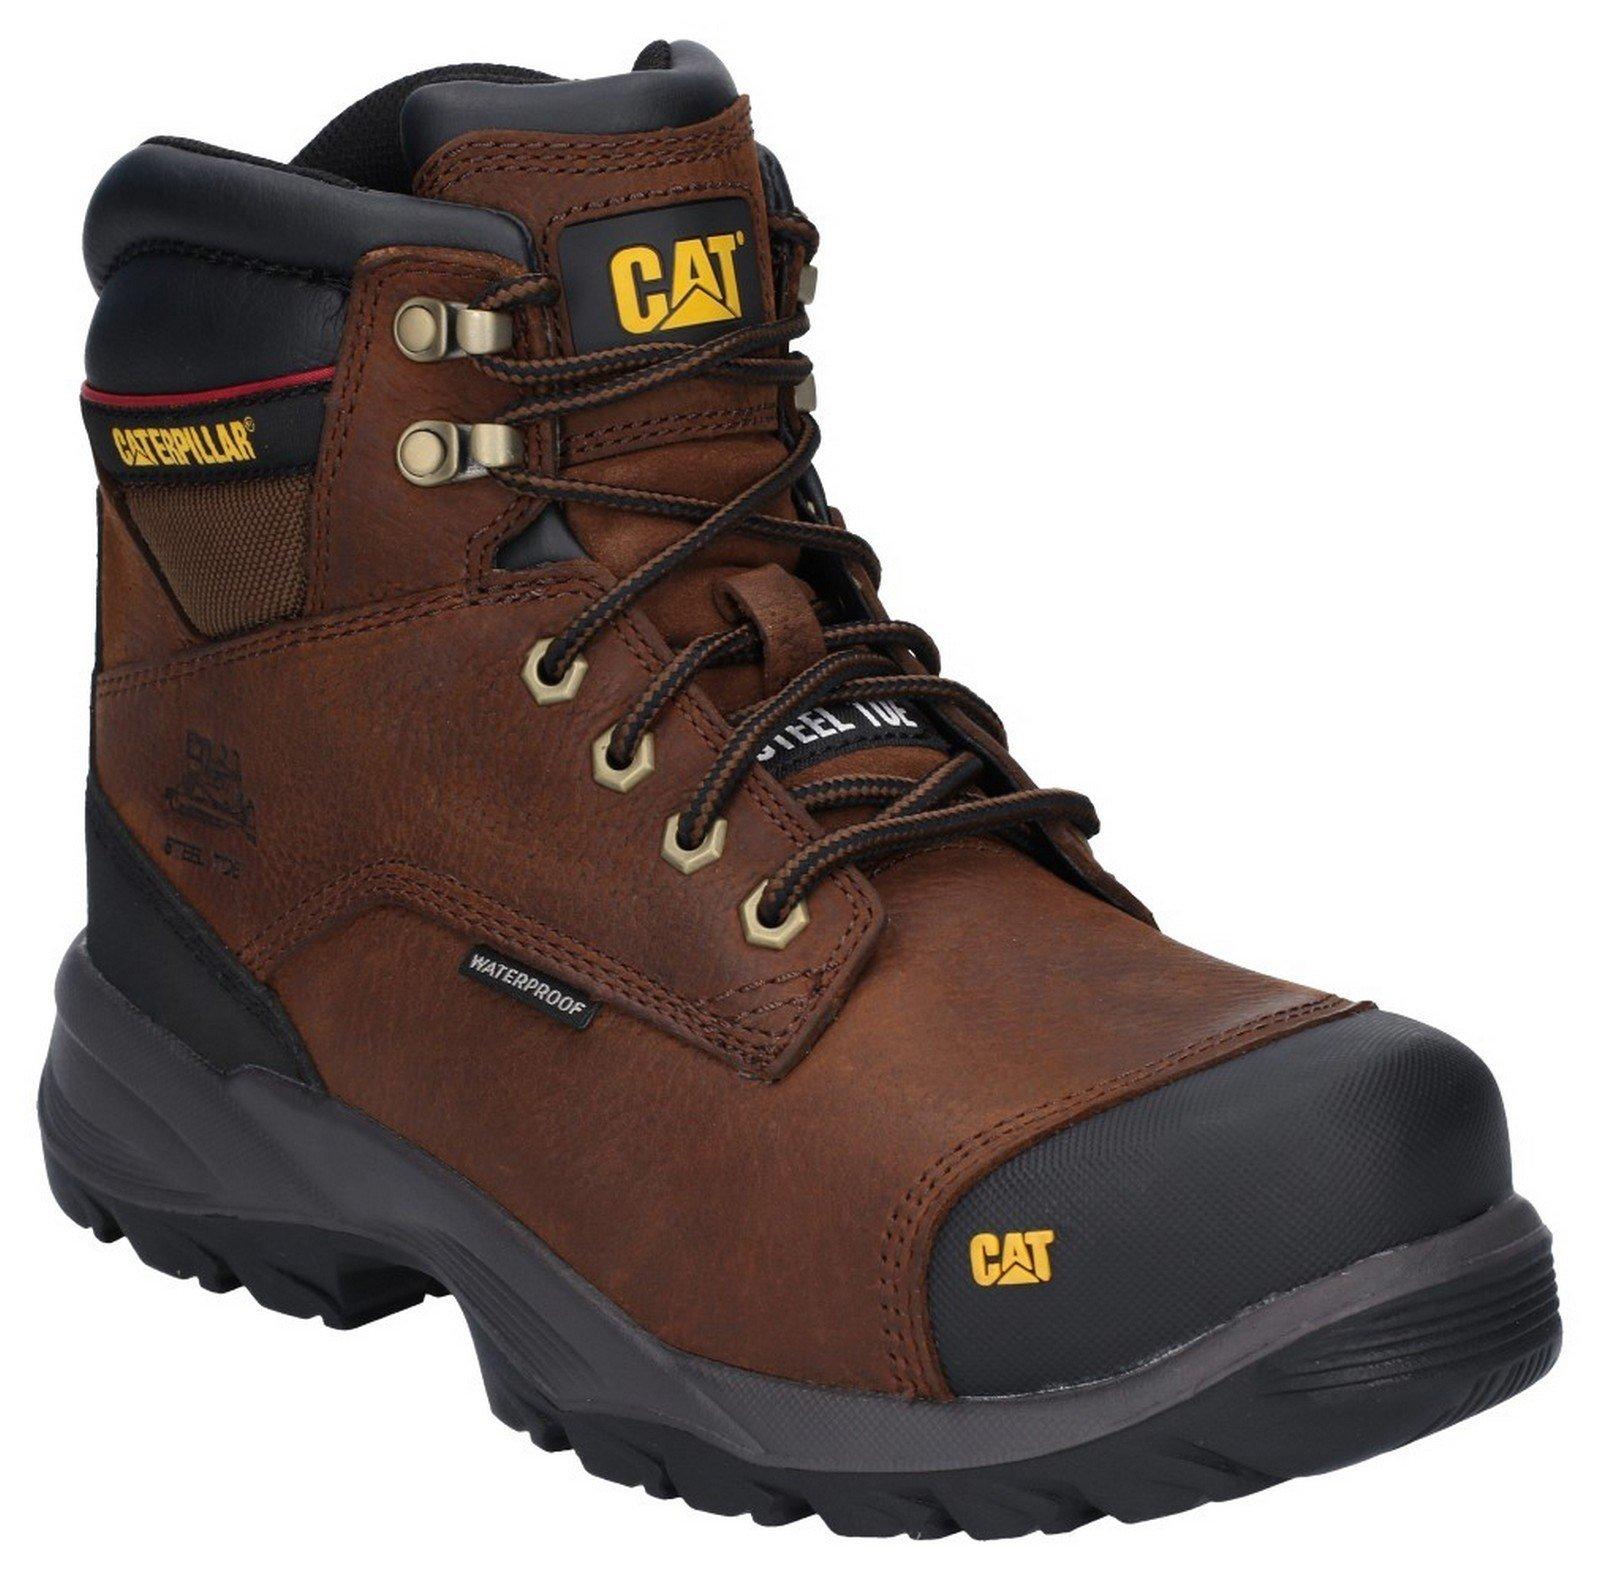 Caterpillar Men's Spiro Lace Up Waterproof Safety Boot Dark Brown 29663 - Dark Brown 6